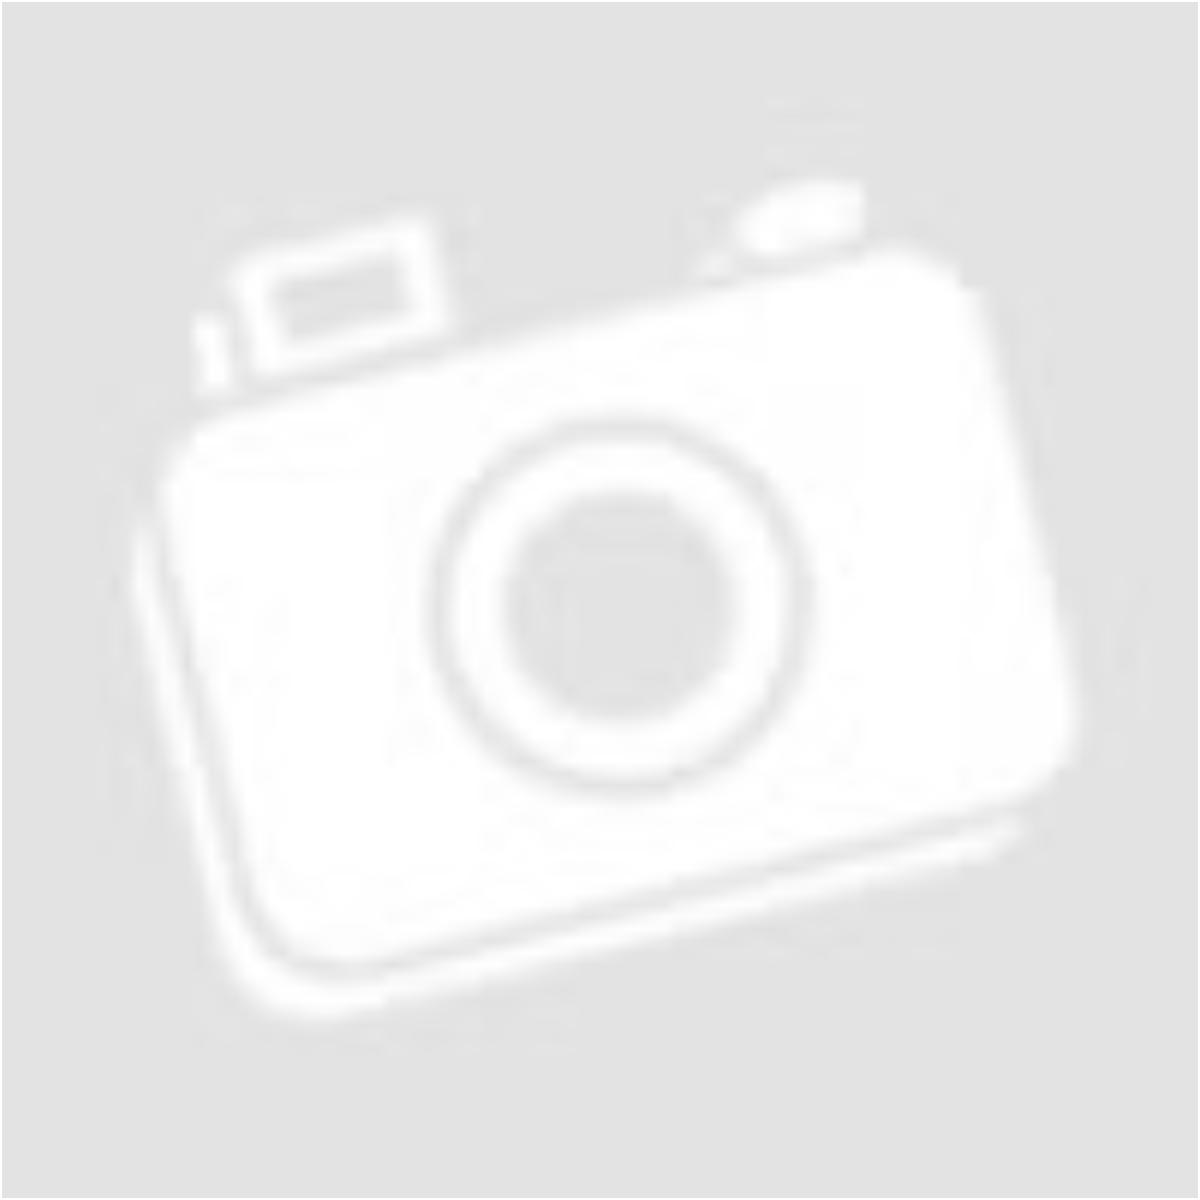 BIANCHI T-TRONIK PERFORMER 9.3 - XT/SLX 12SP kerékpár